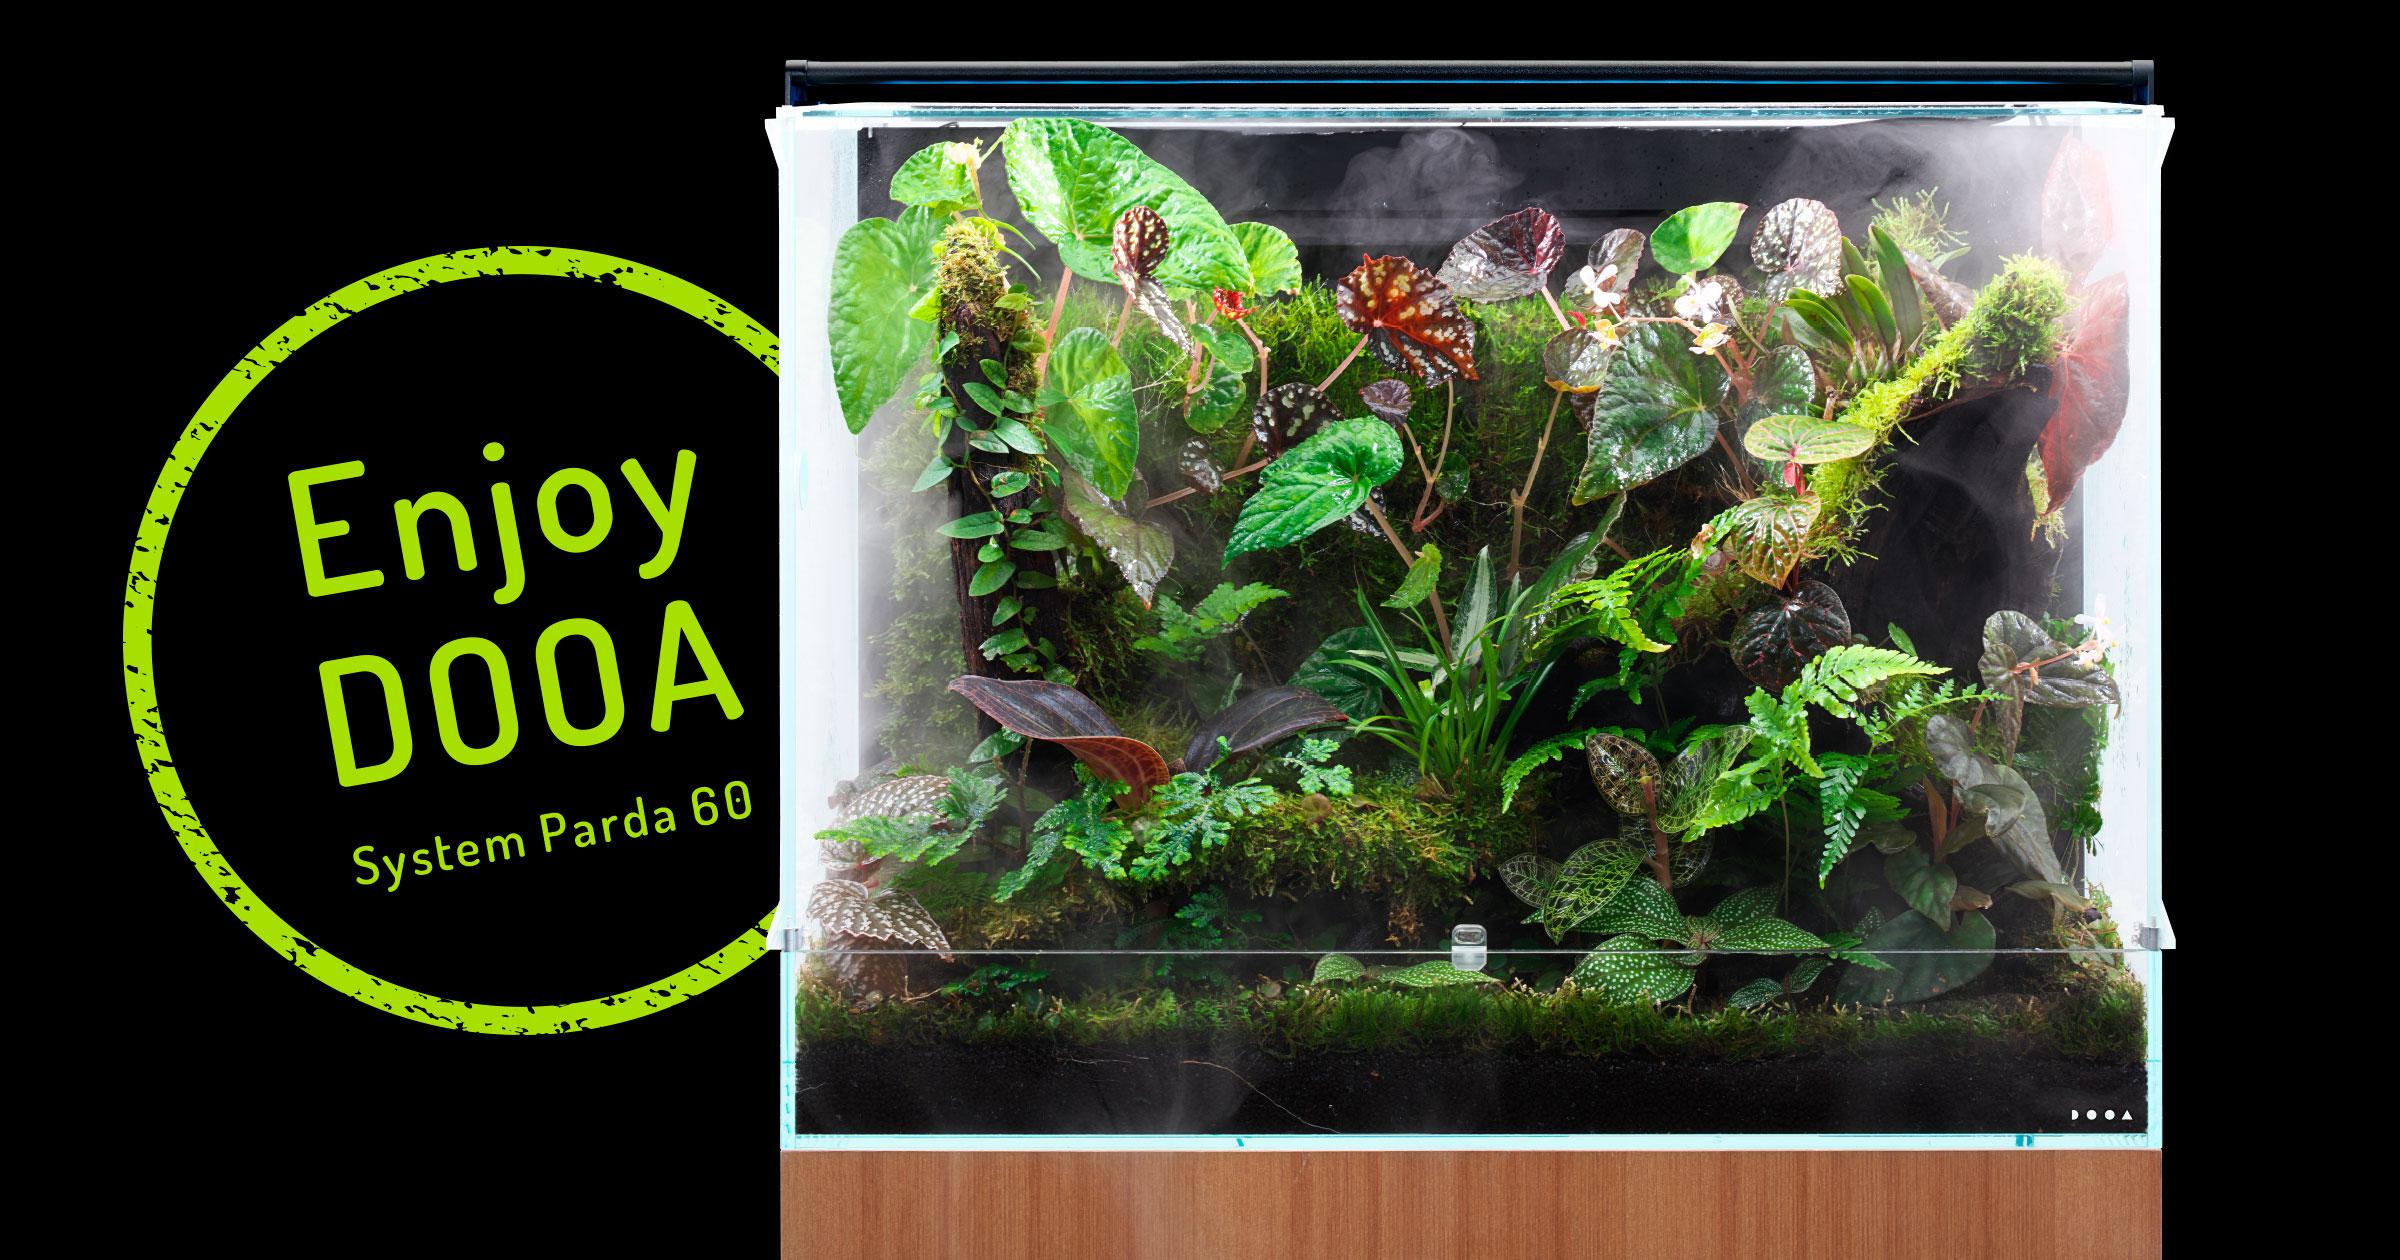 Enjoy DOOA 「システムパルダ60」